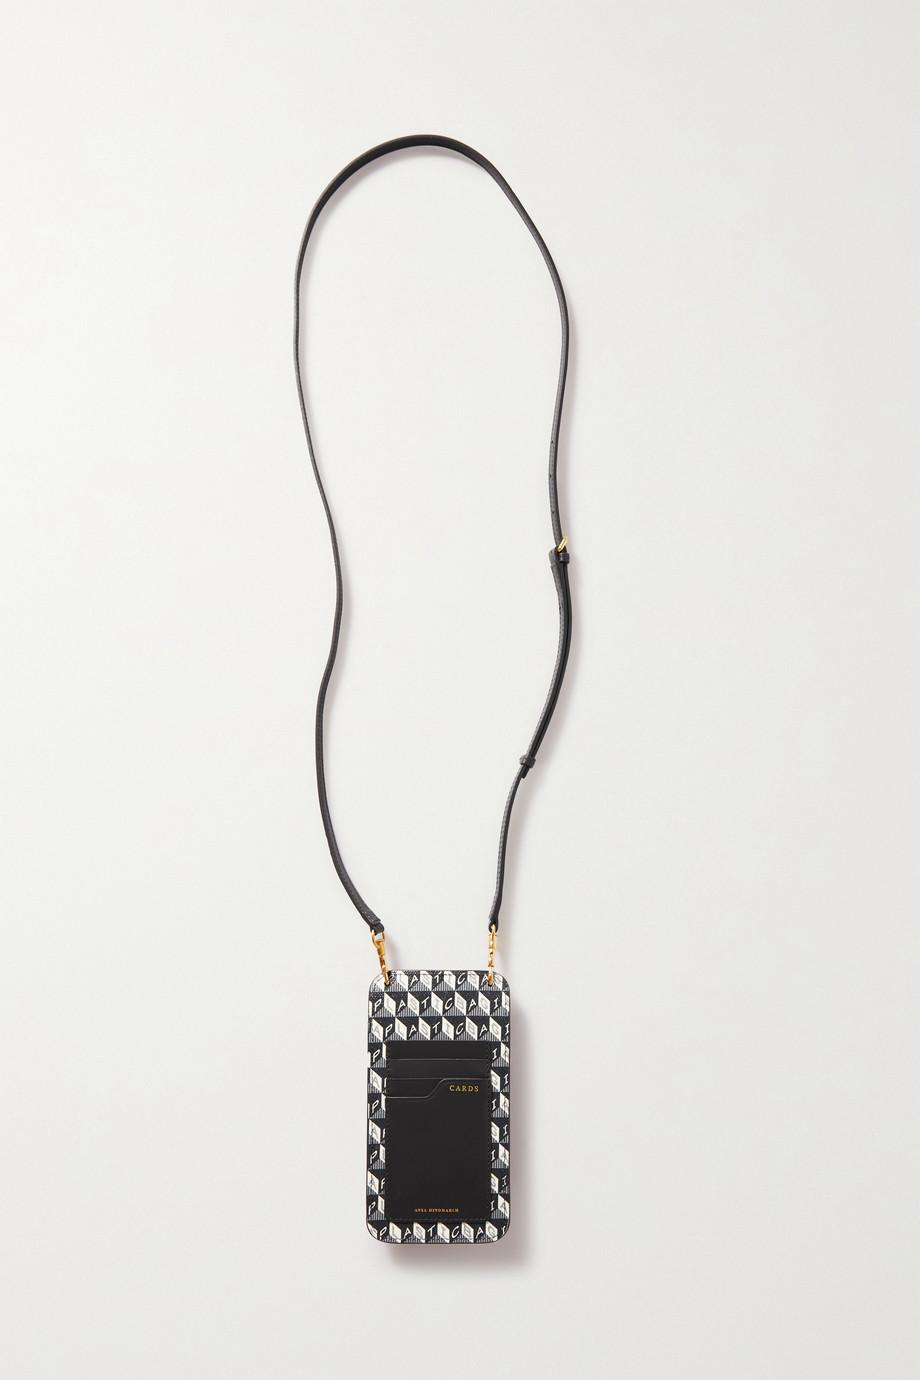 Anya Hindmarch Étui pour téléphone en toile enduite imprimée à finitions en cuir I Am a Plastic Bag